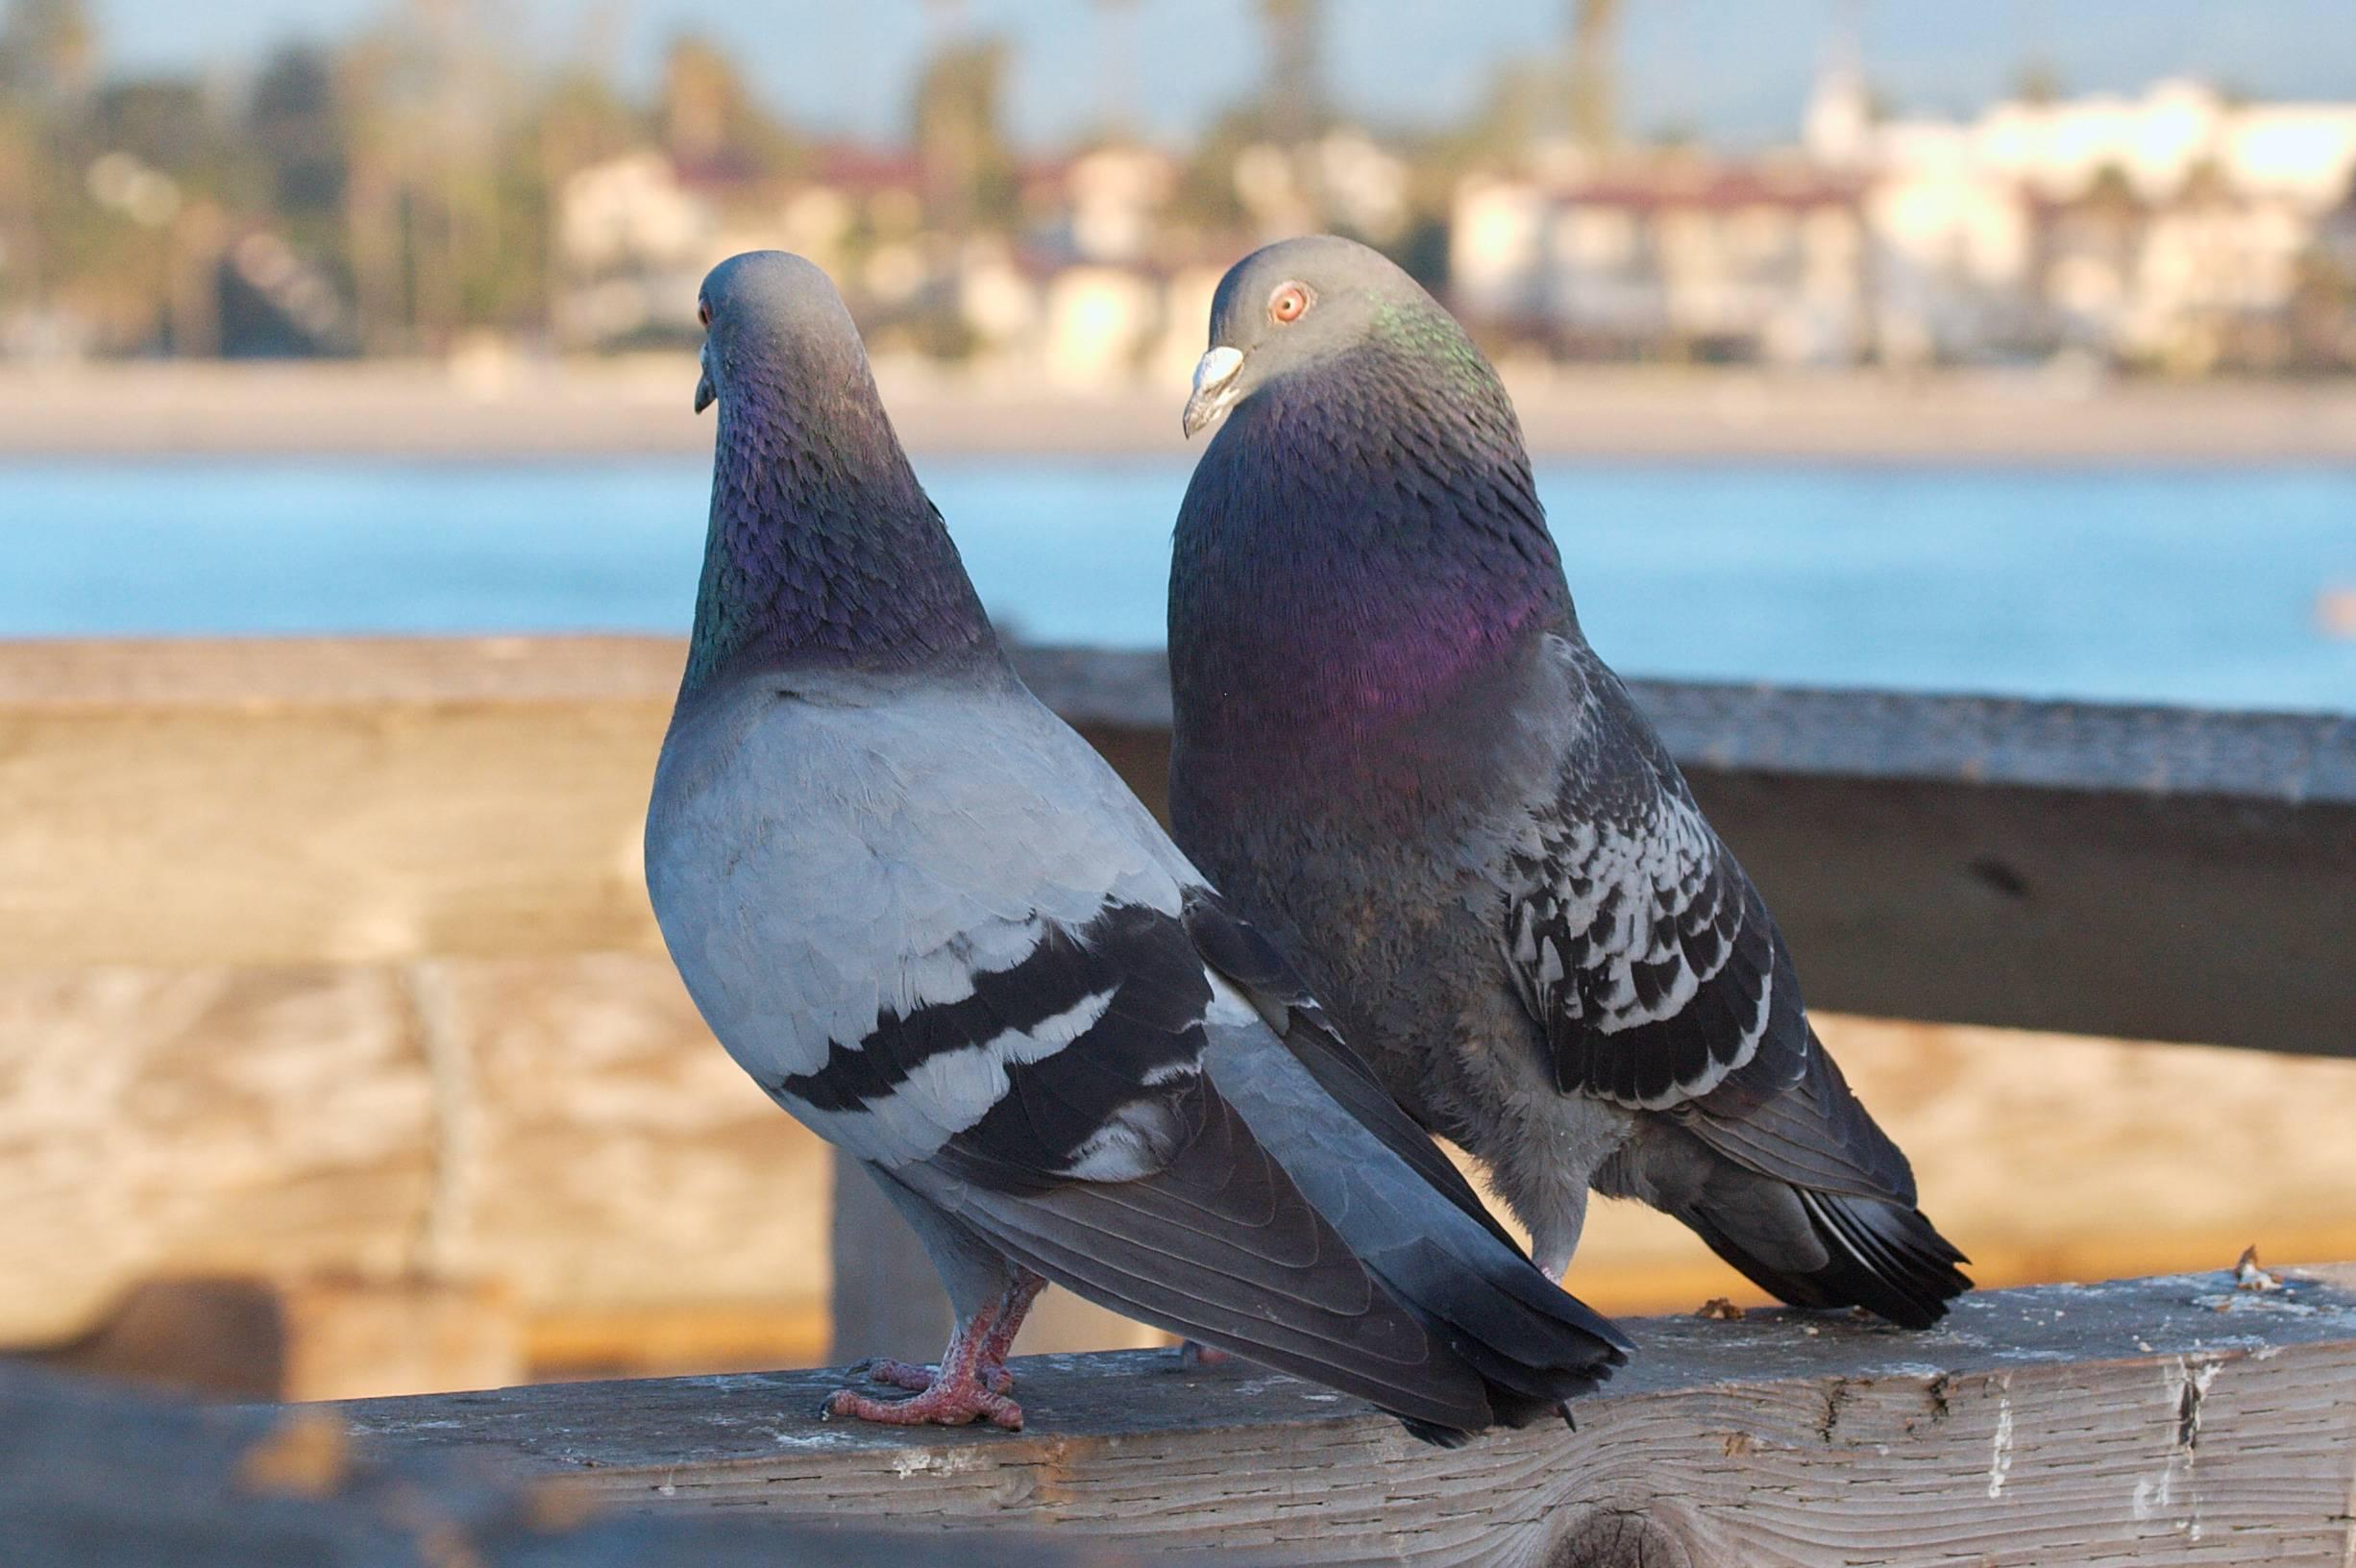 Как отличить голубя от голубки? как определить пол самца или самки голубя? какие существуют внешние признаки различий?